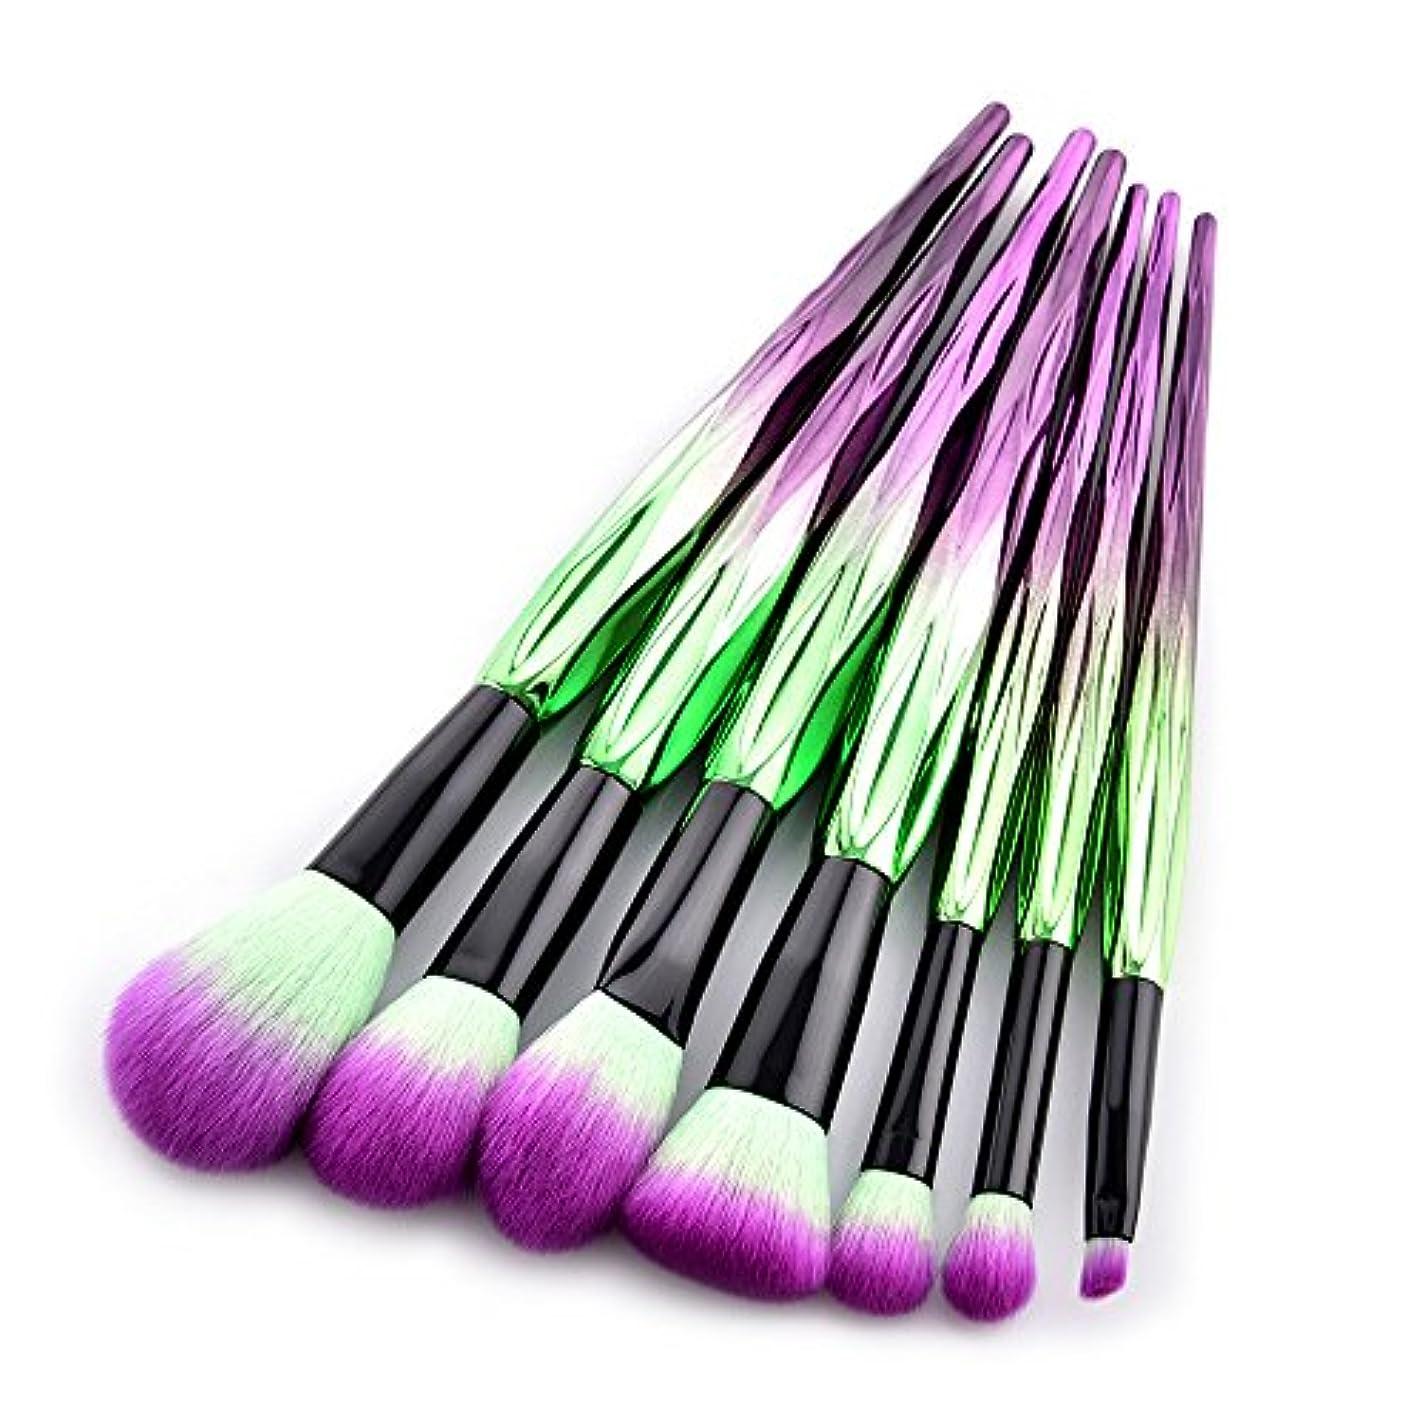 アラビア語マージできる(プタス)Putars メイクブラシ メイクブラシセット 7本セット 22*12*1.4cm 紫 緑 ベースメイク 化粧ブラシ ふわふわ お肌に優しい 毛量たっぷり メイク道具 プレゼント